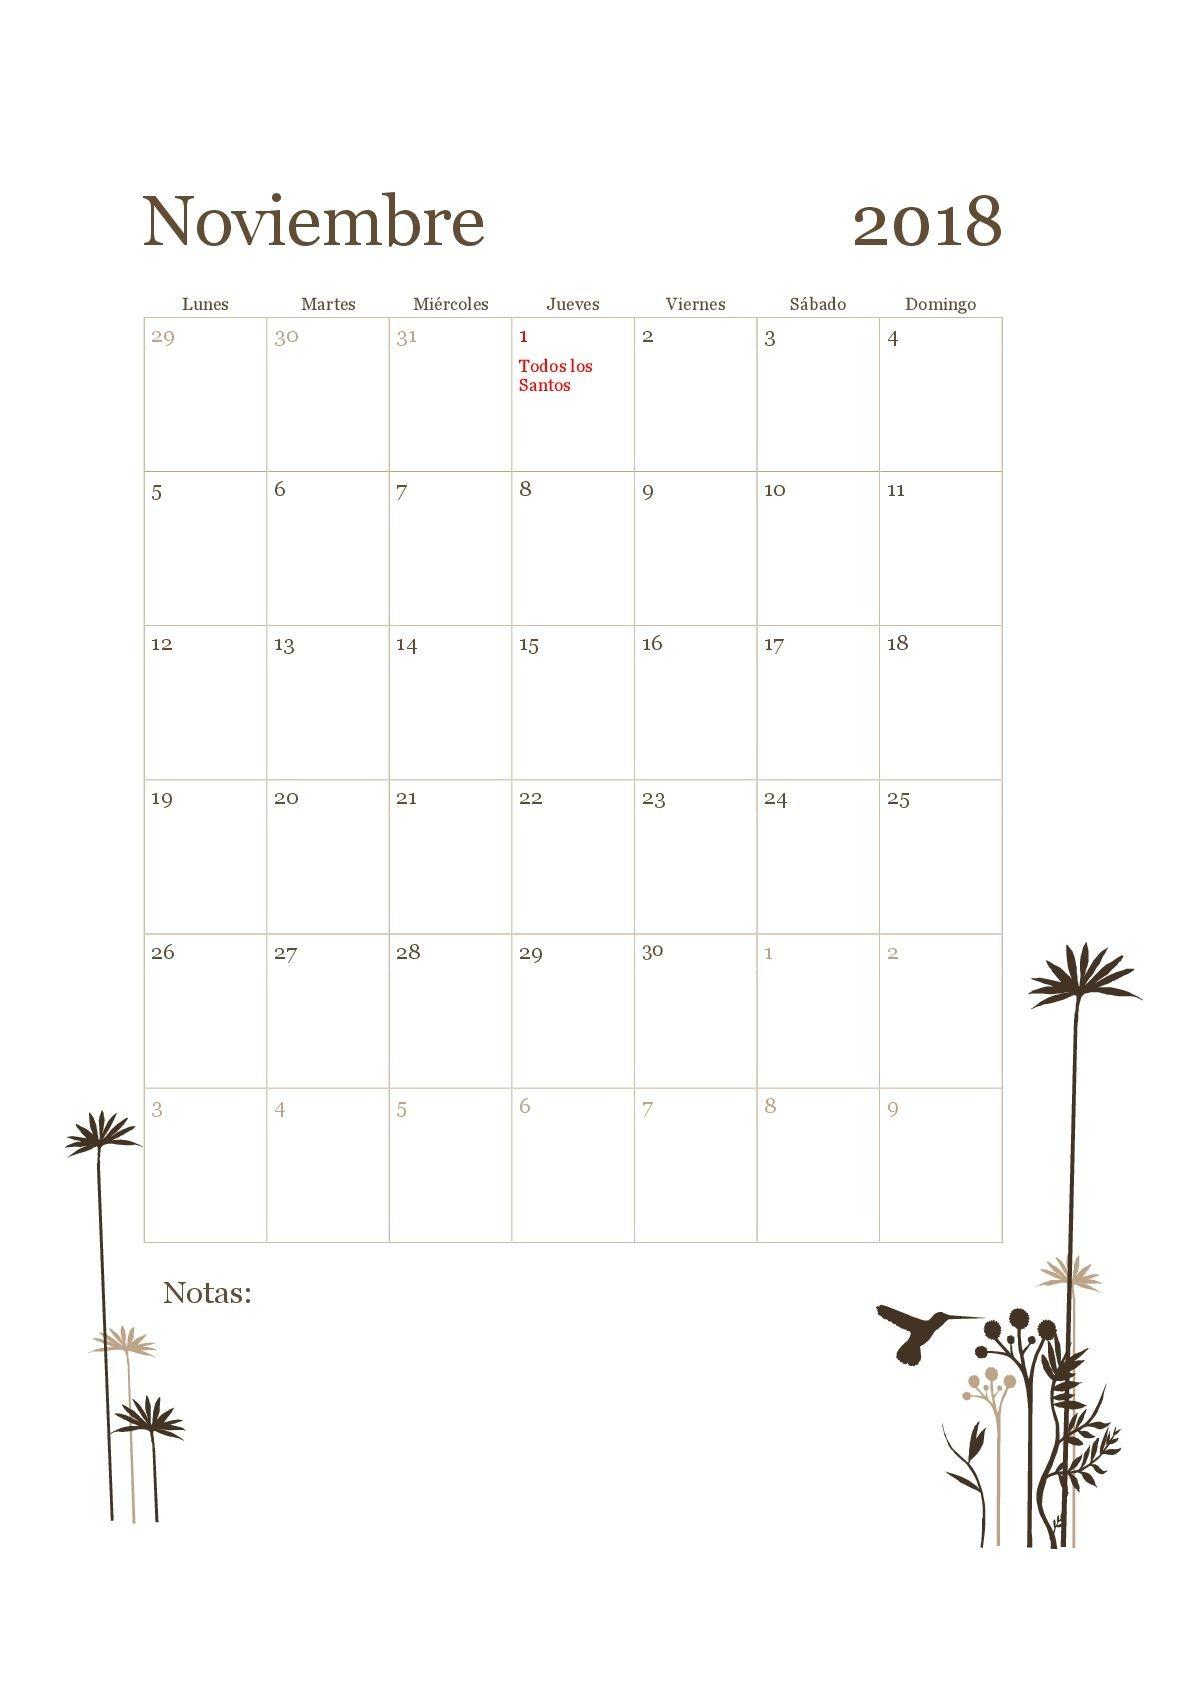 Calendario 2019 Argentina Oficial Para Imprimir Más Recientemente Liberado Mejores 13 Imágenes De Calendario Laboral Registro Empleados En Of Calendario 2019 Argentina Oficial Para Imprimir Más Reciente Calendario 2018 Para Imprimir Feriados Kordurorddiner